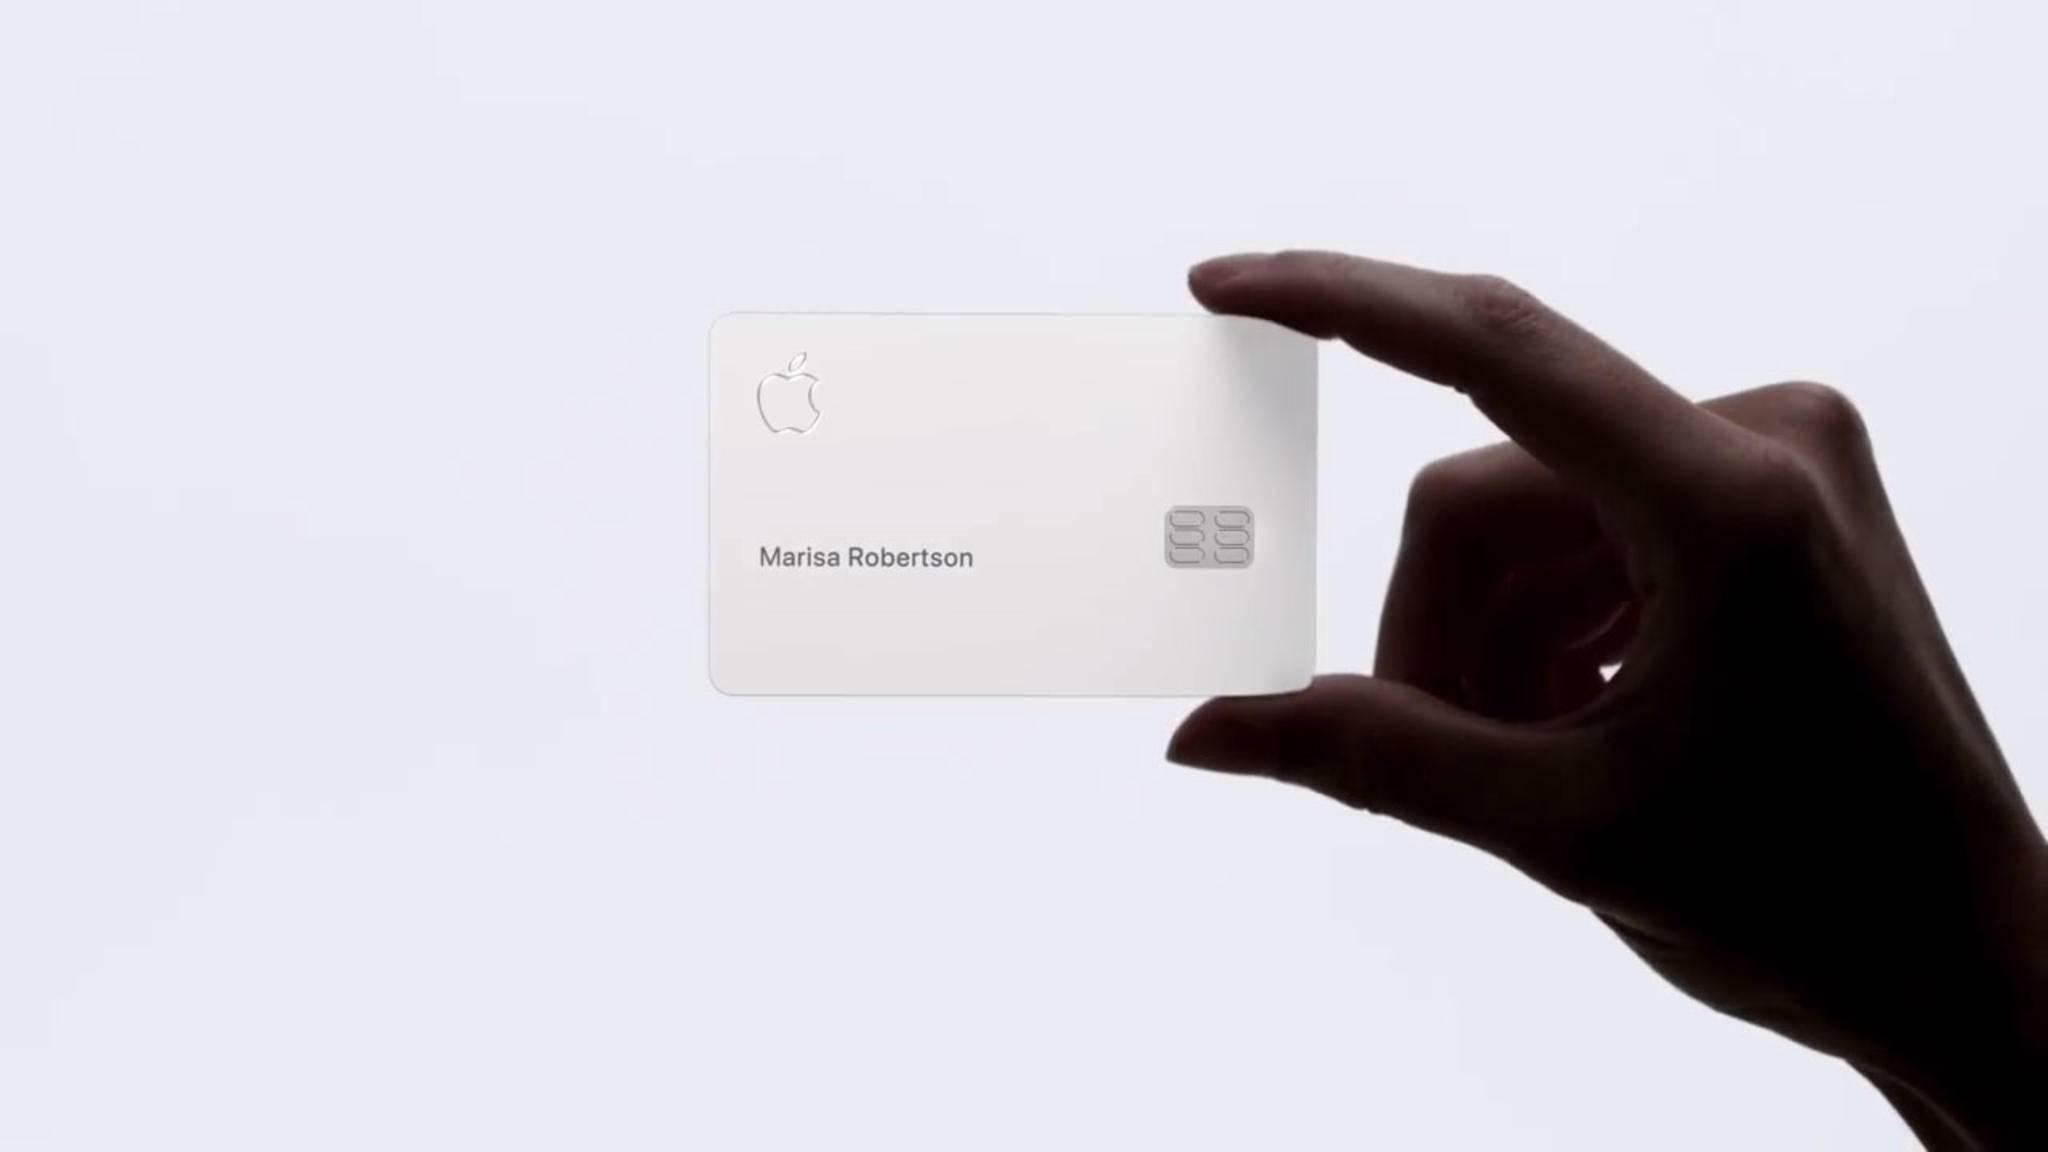 Wir erläutern alles, was bislang über die Apple Card bekannt ist.